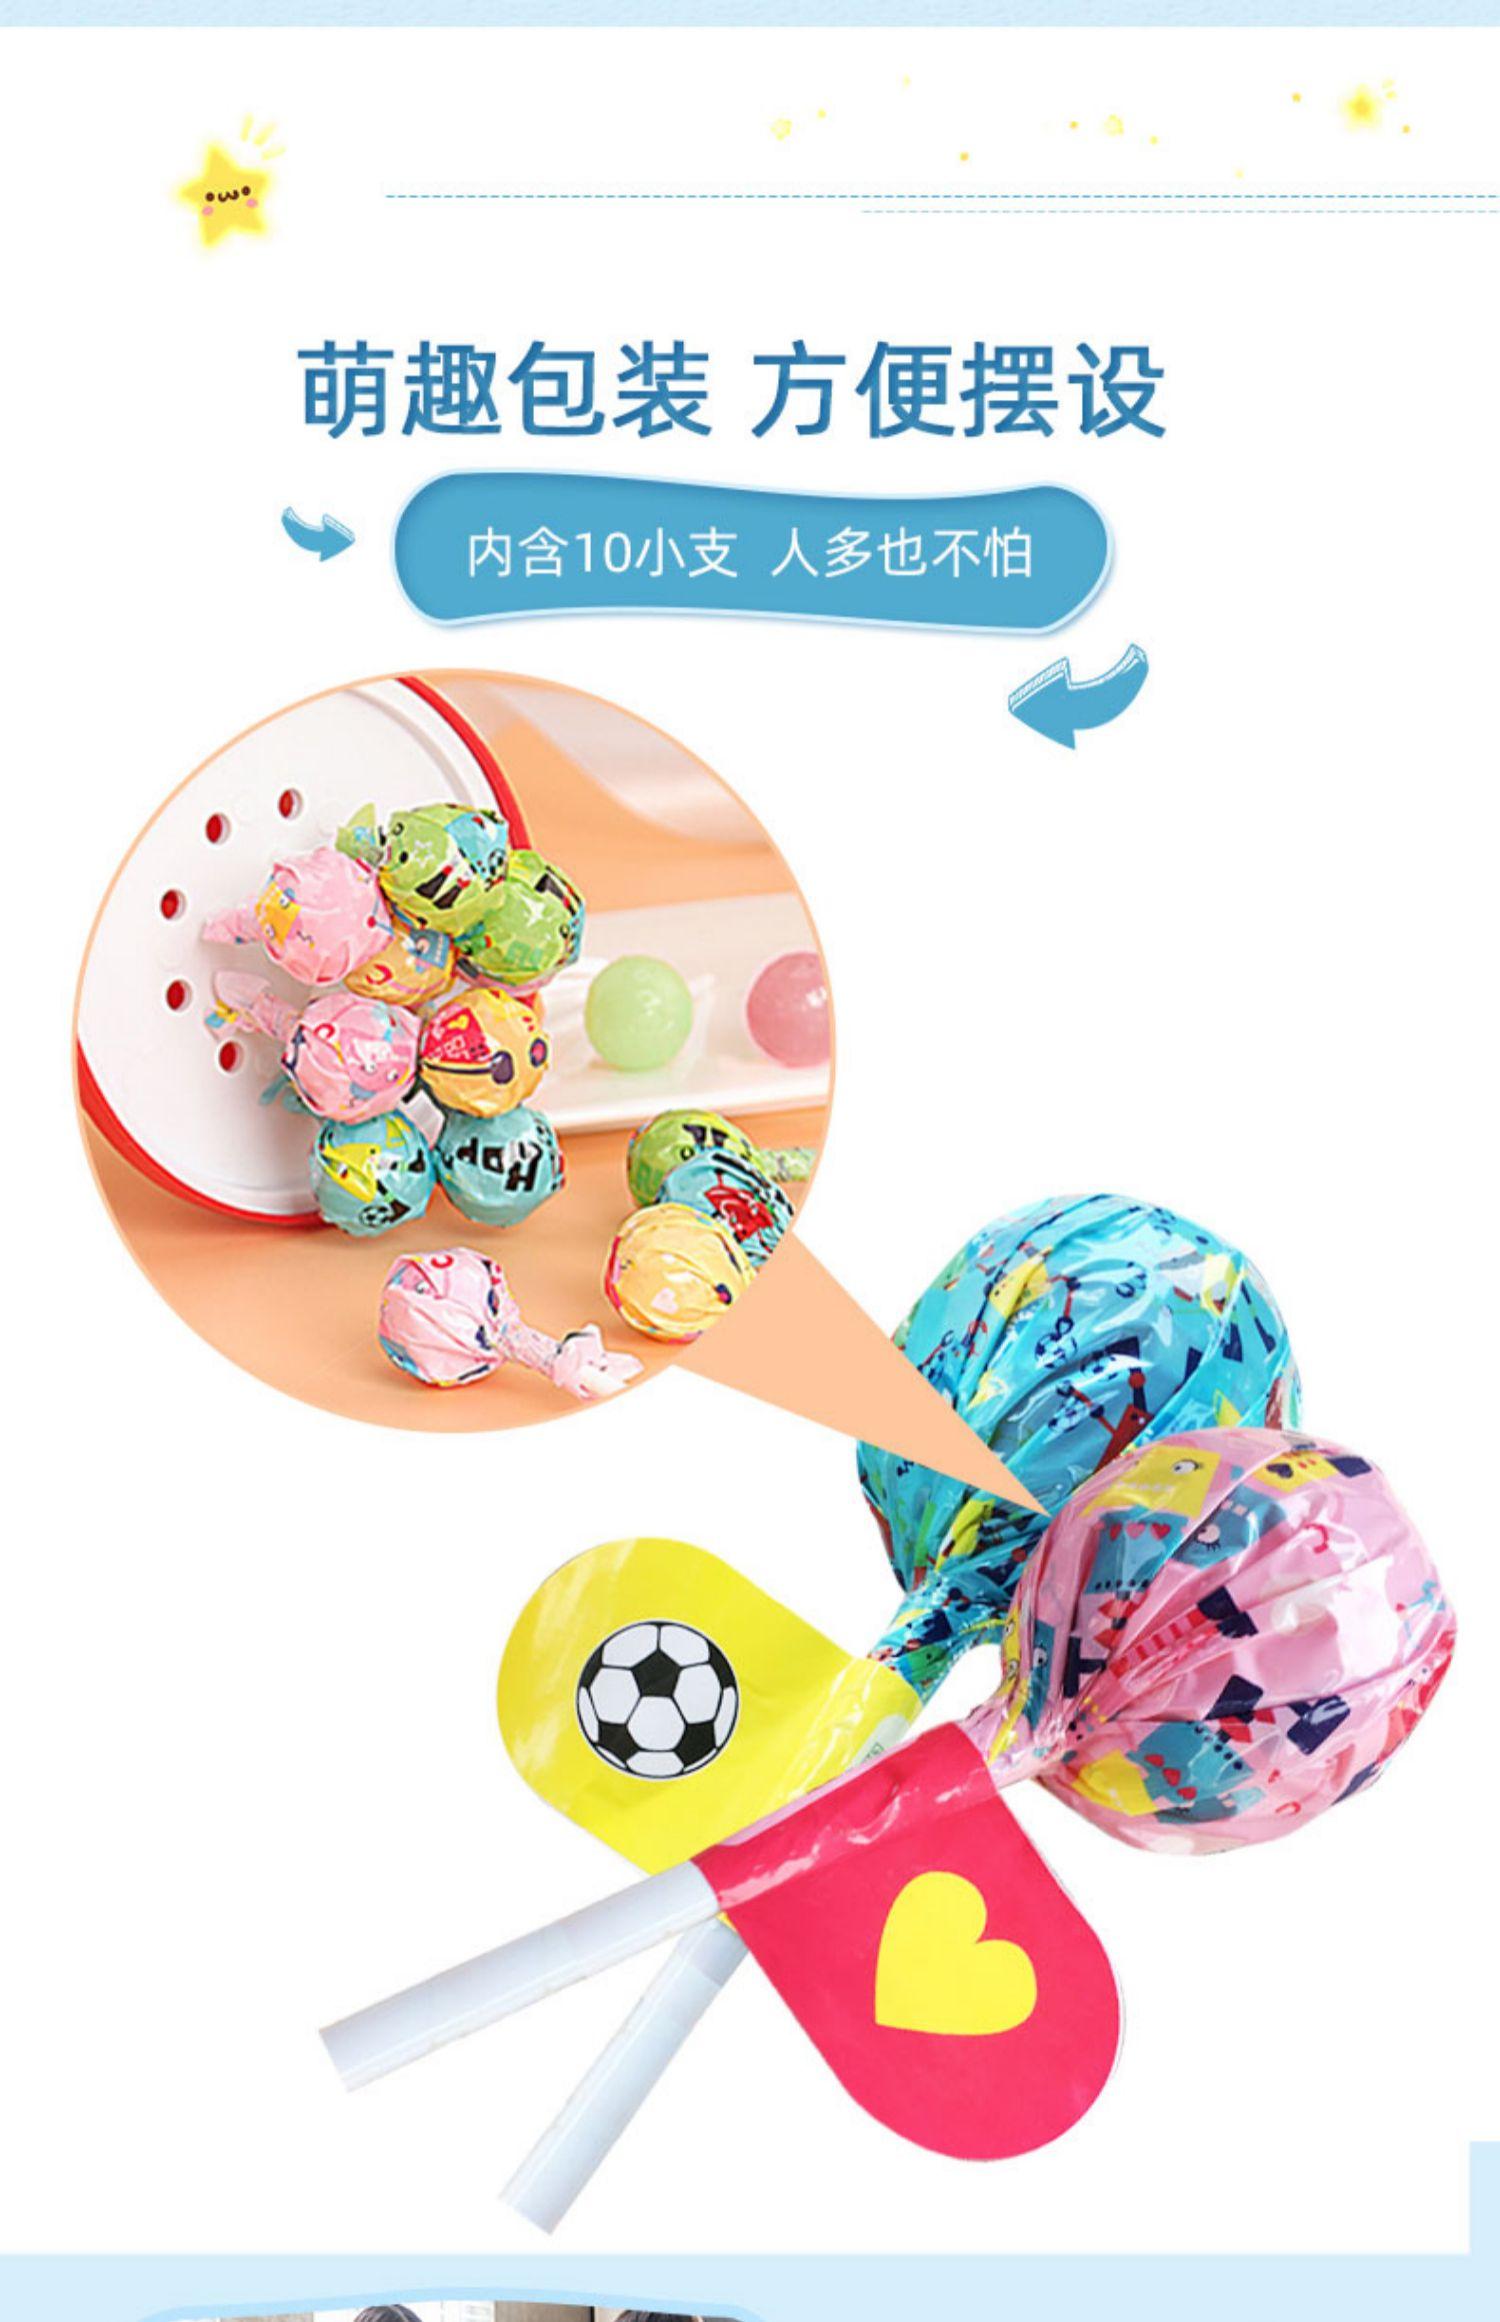 【6.9元】棒棒糖果10小只装